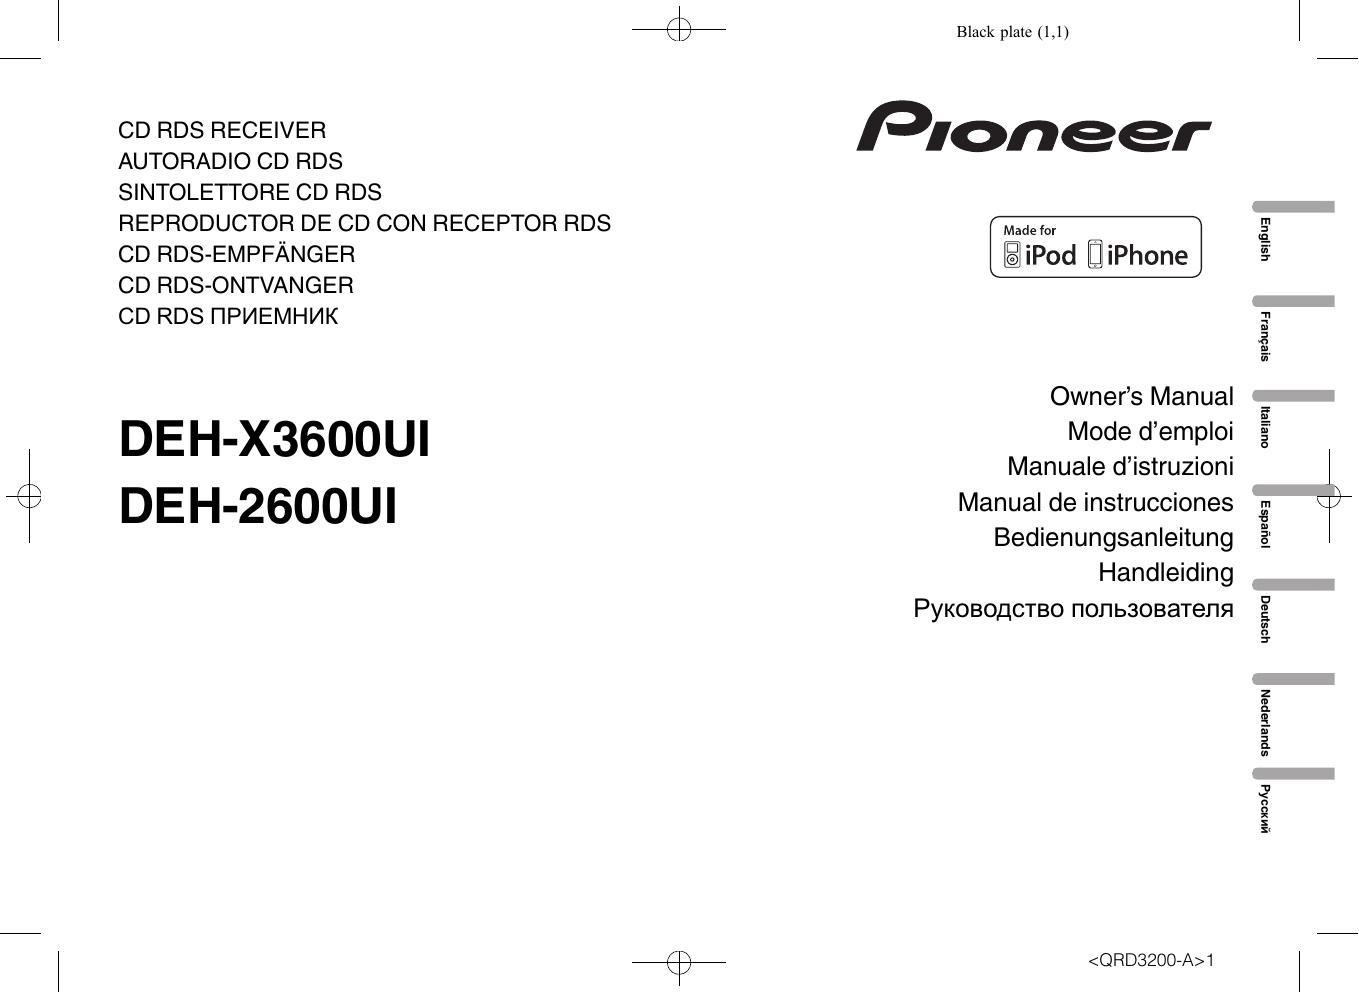 Pioneer Deh X3600ui Manual De Usuario Manualzz